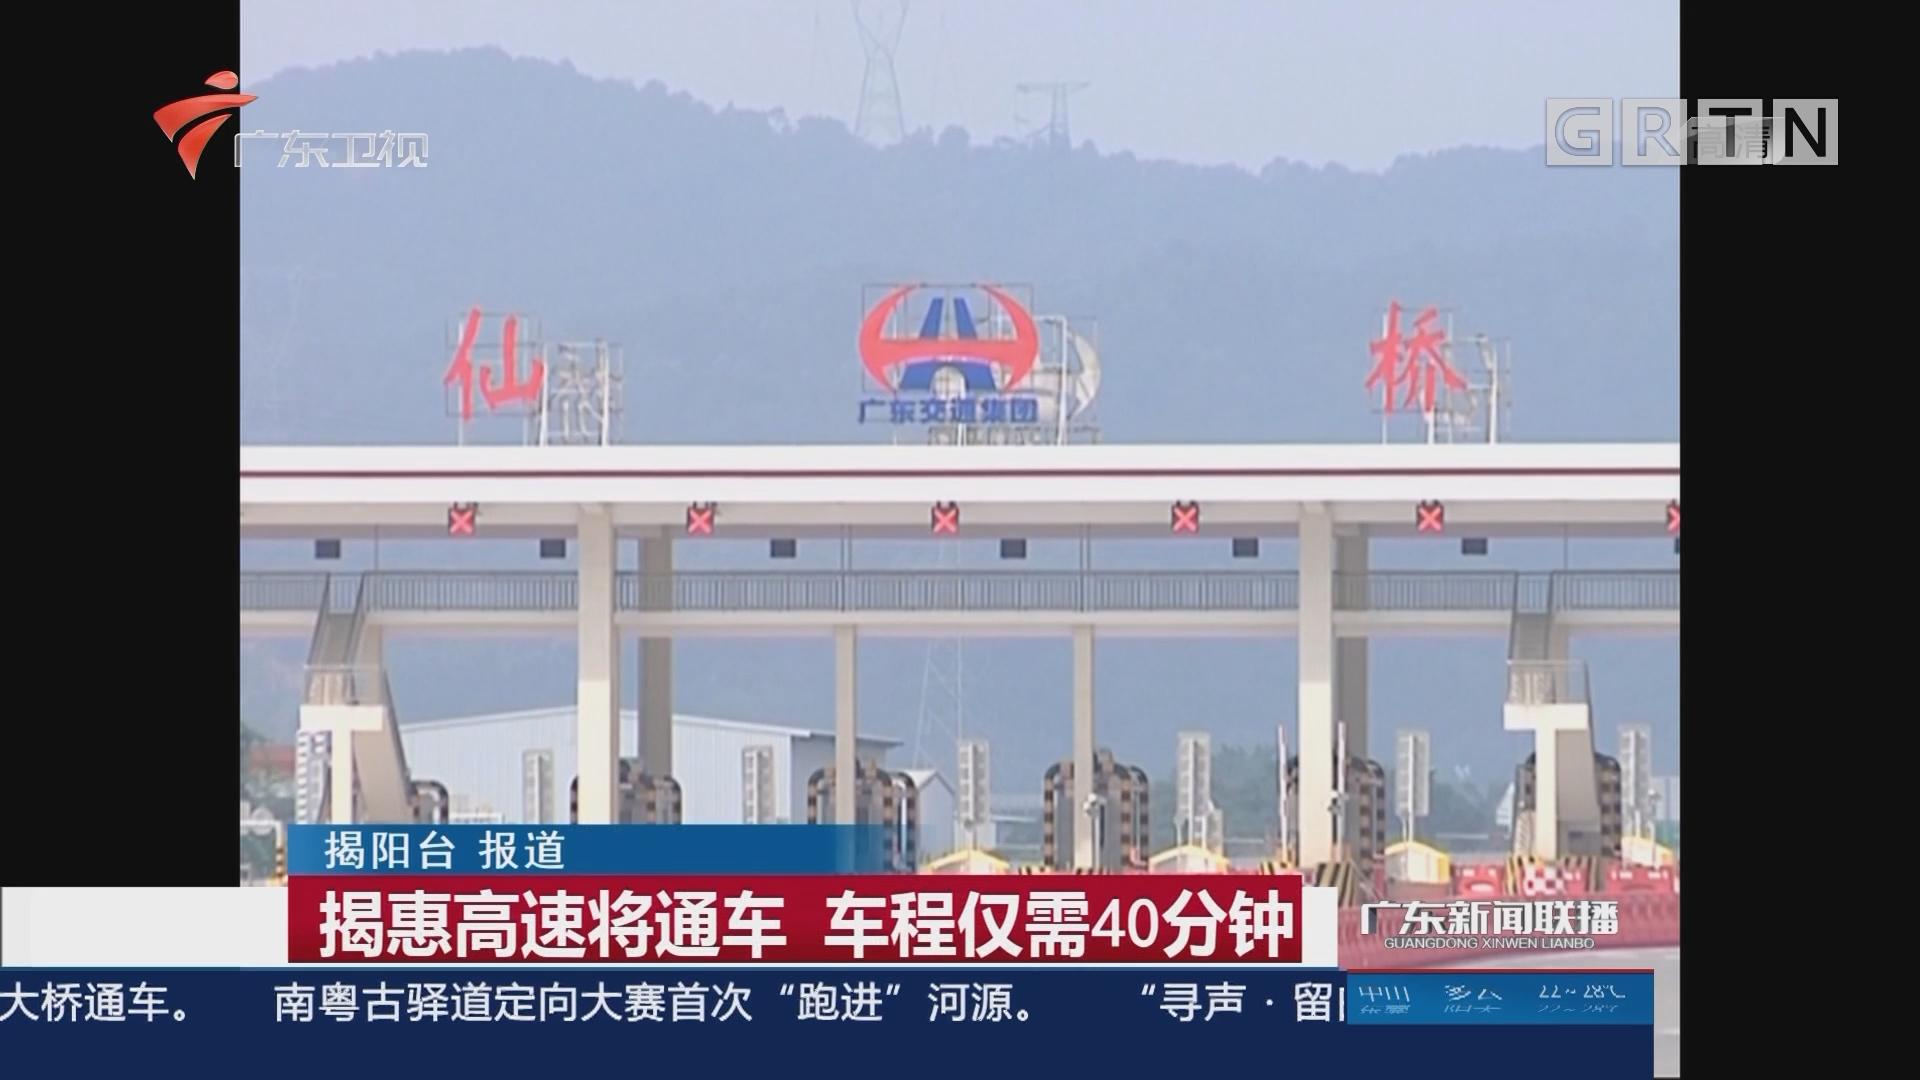 揭惠高速将通车 车程仅需40分钟